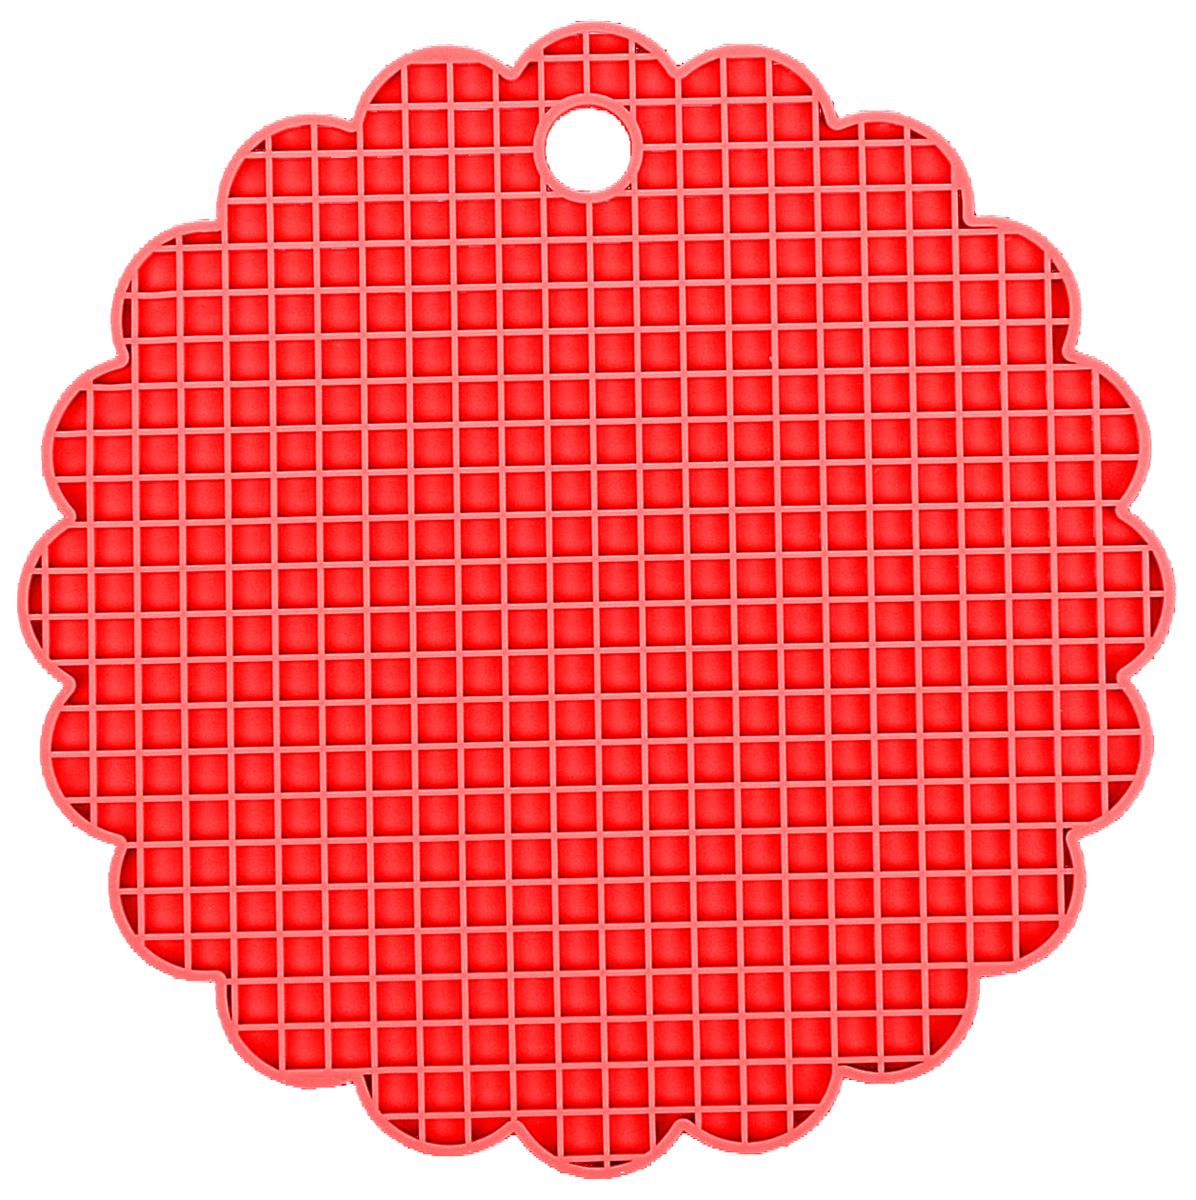 Подставка под горячее Доляна Цветок, цвет: красный, диаметр 19,5 см1057098_красныйСиликоновая подставка под горячее Доляна - практичный предмет, который обязательно пригодится в хозяйстве. Изделие поможет сберечь столы, тумбы, скатерти и клеёнки от повреждения нагретыми сковородами, кастрюлями, чайниками и тарелками.